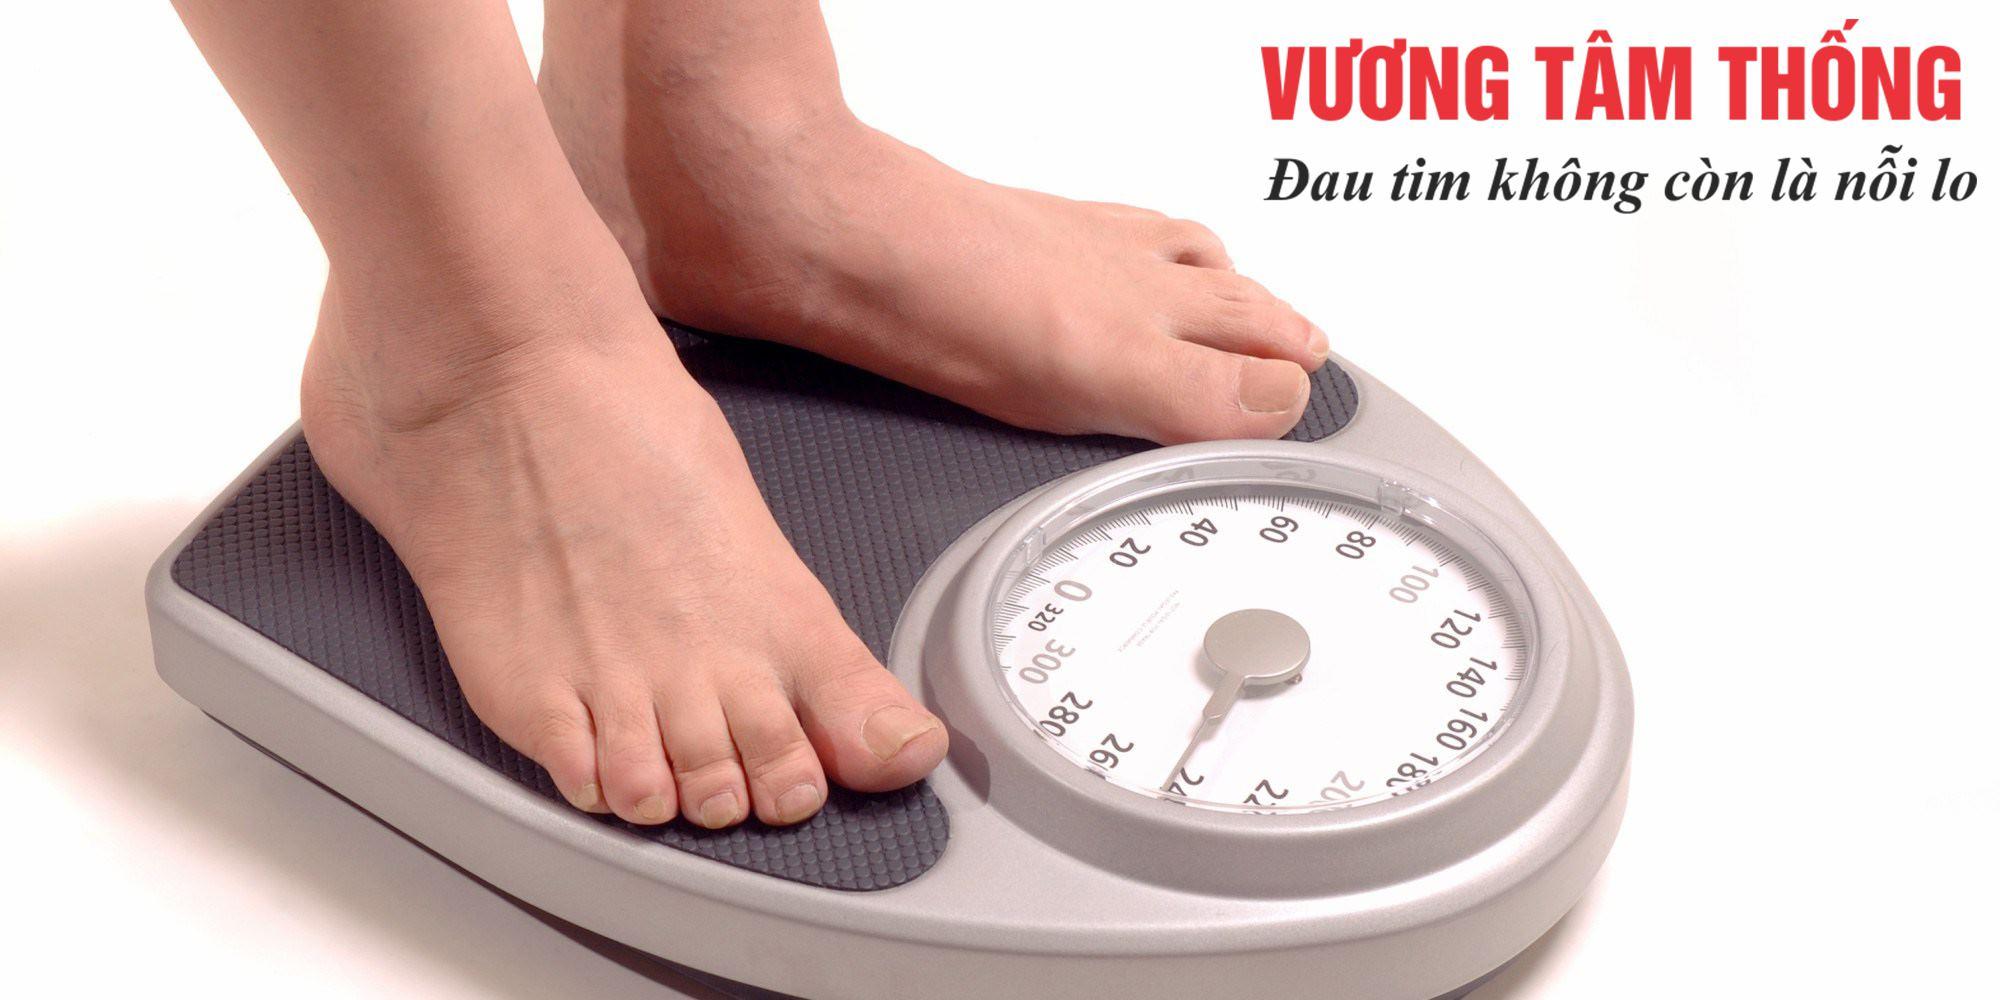 Người bệnh suy tim cấp độ 3 cần theo dõi cân nặng mỗi ngày